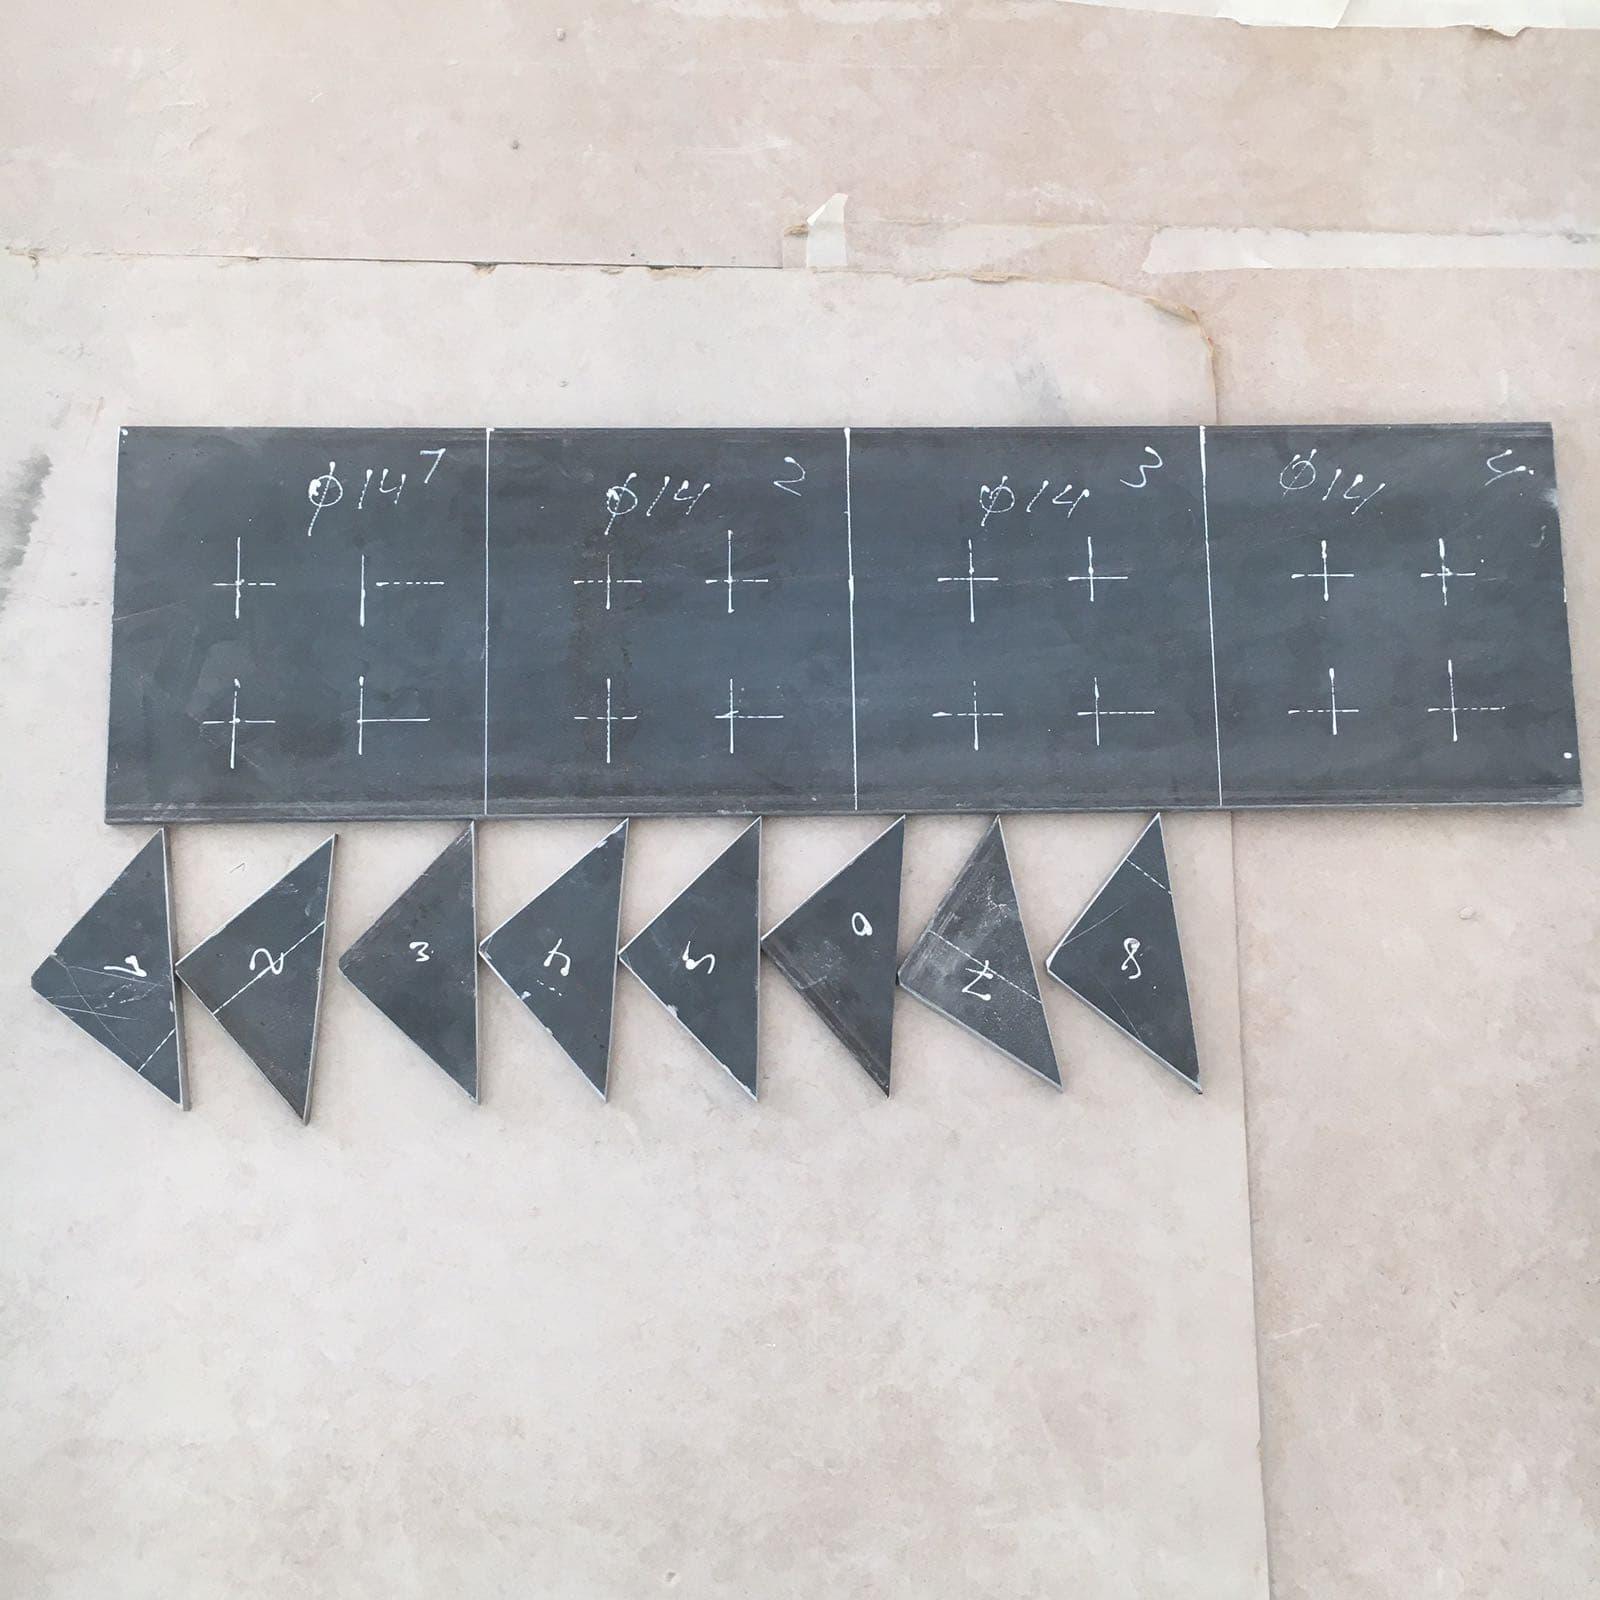 Création d'une ouverture dans un mur porteur en béton armée à Mandelieu-la-Napoule. Renforcement par technique de moisage. - Murs porteurs